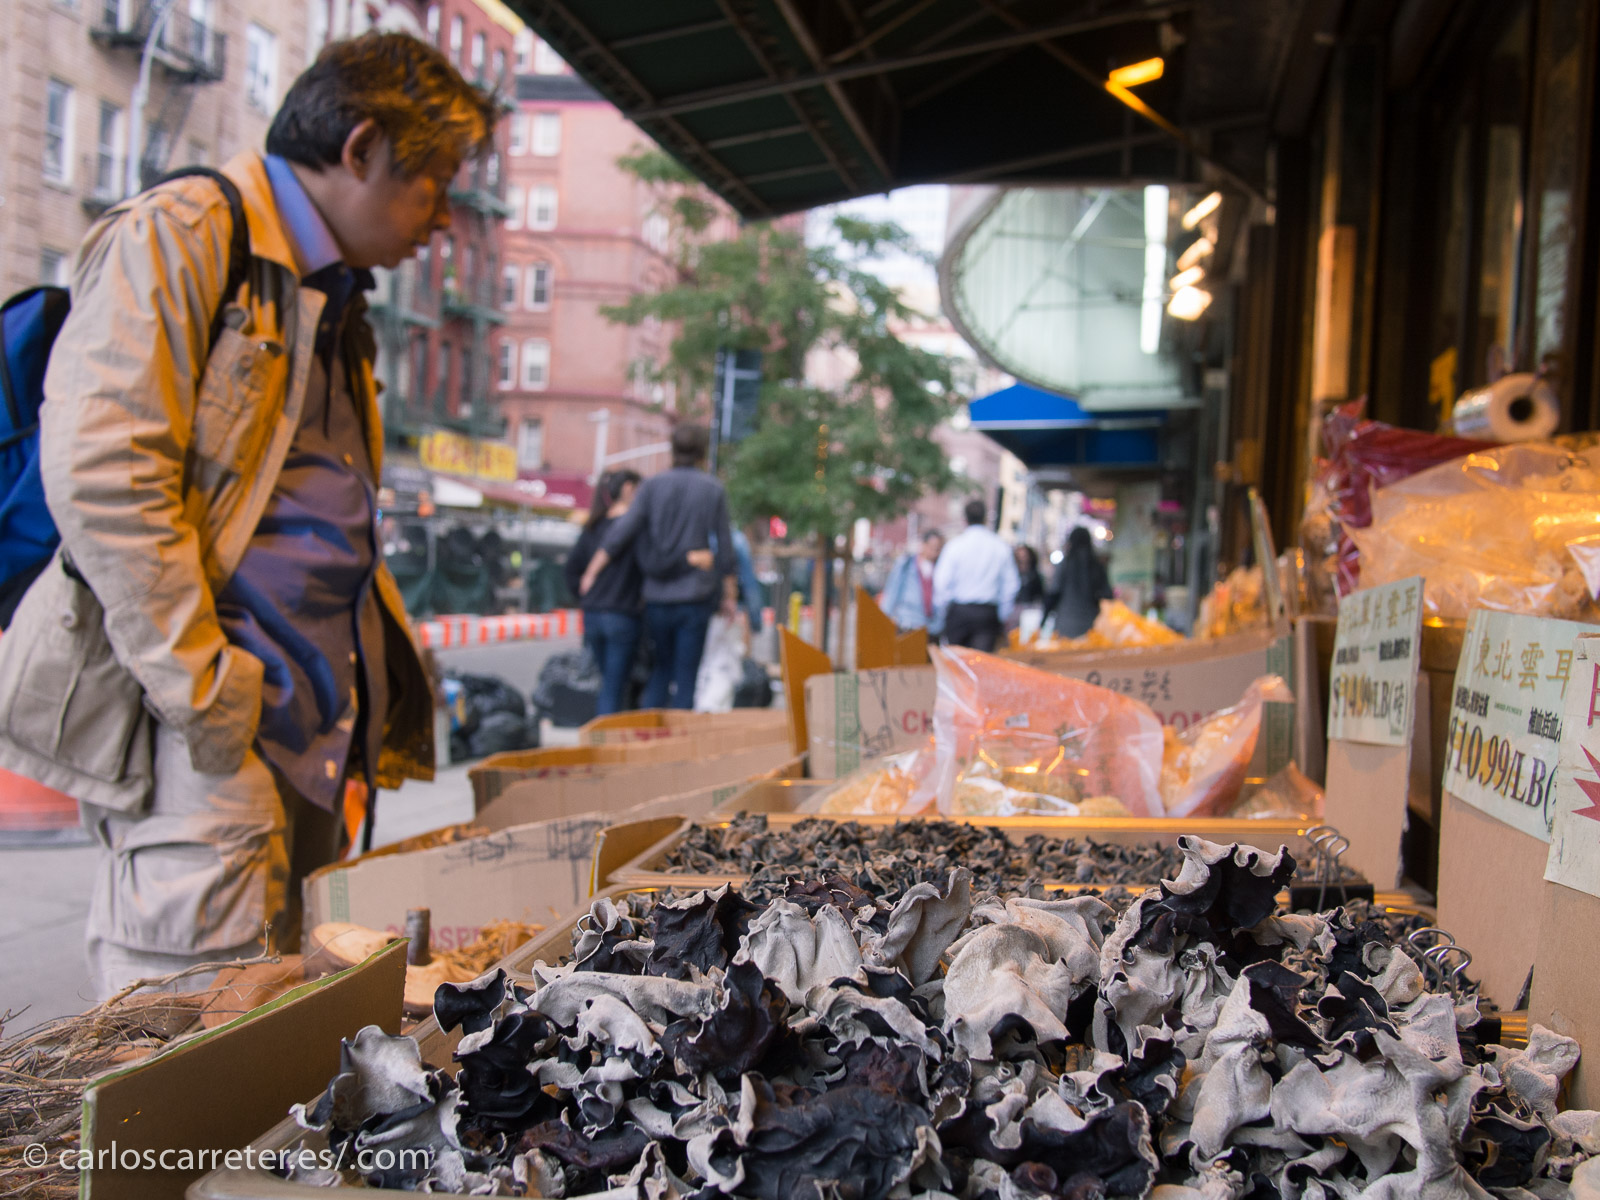 2013. Nueva York, Estados Unidos. carloscarreter.com | Tumblr | Twitter | Facebook